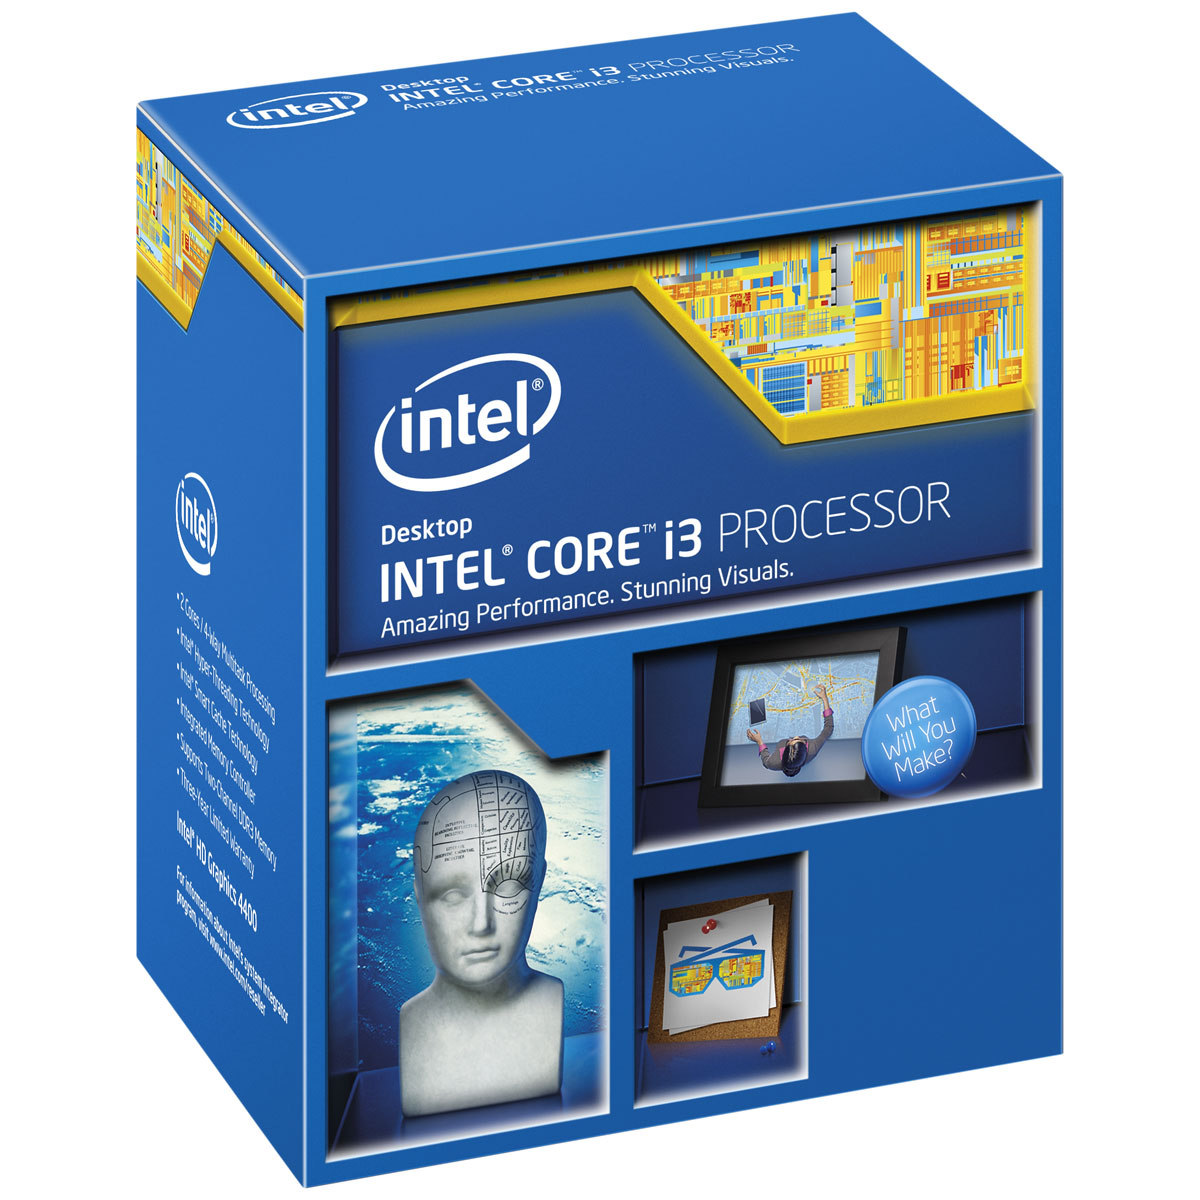 Processeur Intel Core i3-4130 (3.4 GHz) Processeur Dual Core Socket 1150 Cache L3 3 Mo Intel HD Graphics 4400 0.022 micron (version boîte - garantie Intel 3 ans)